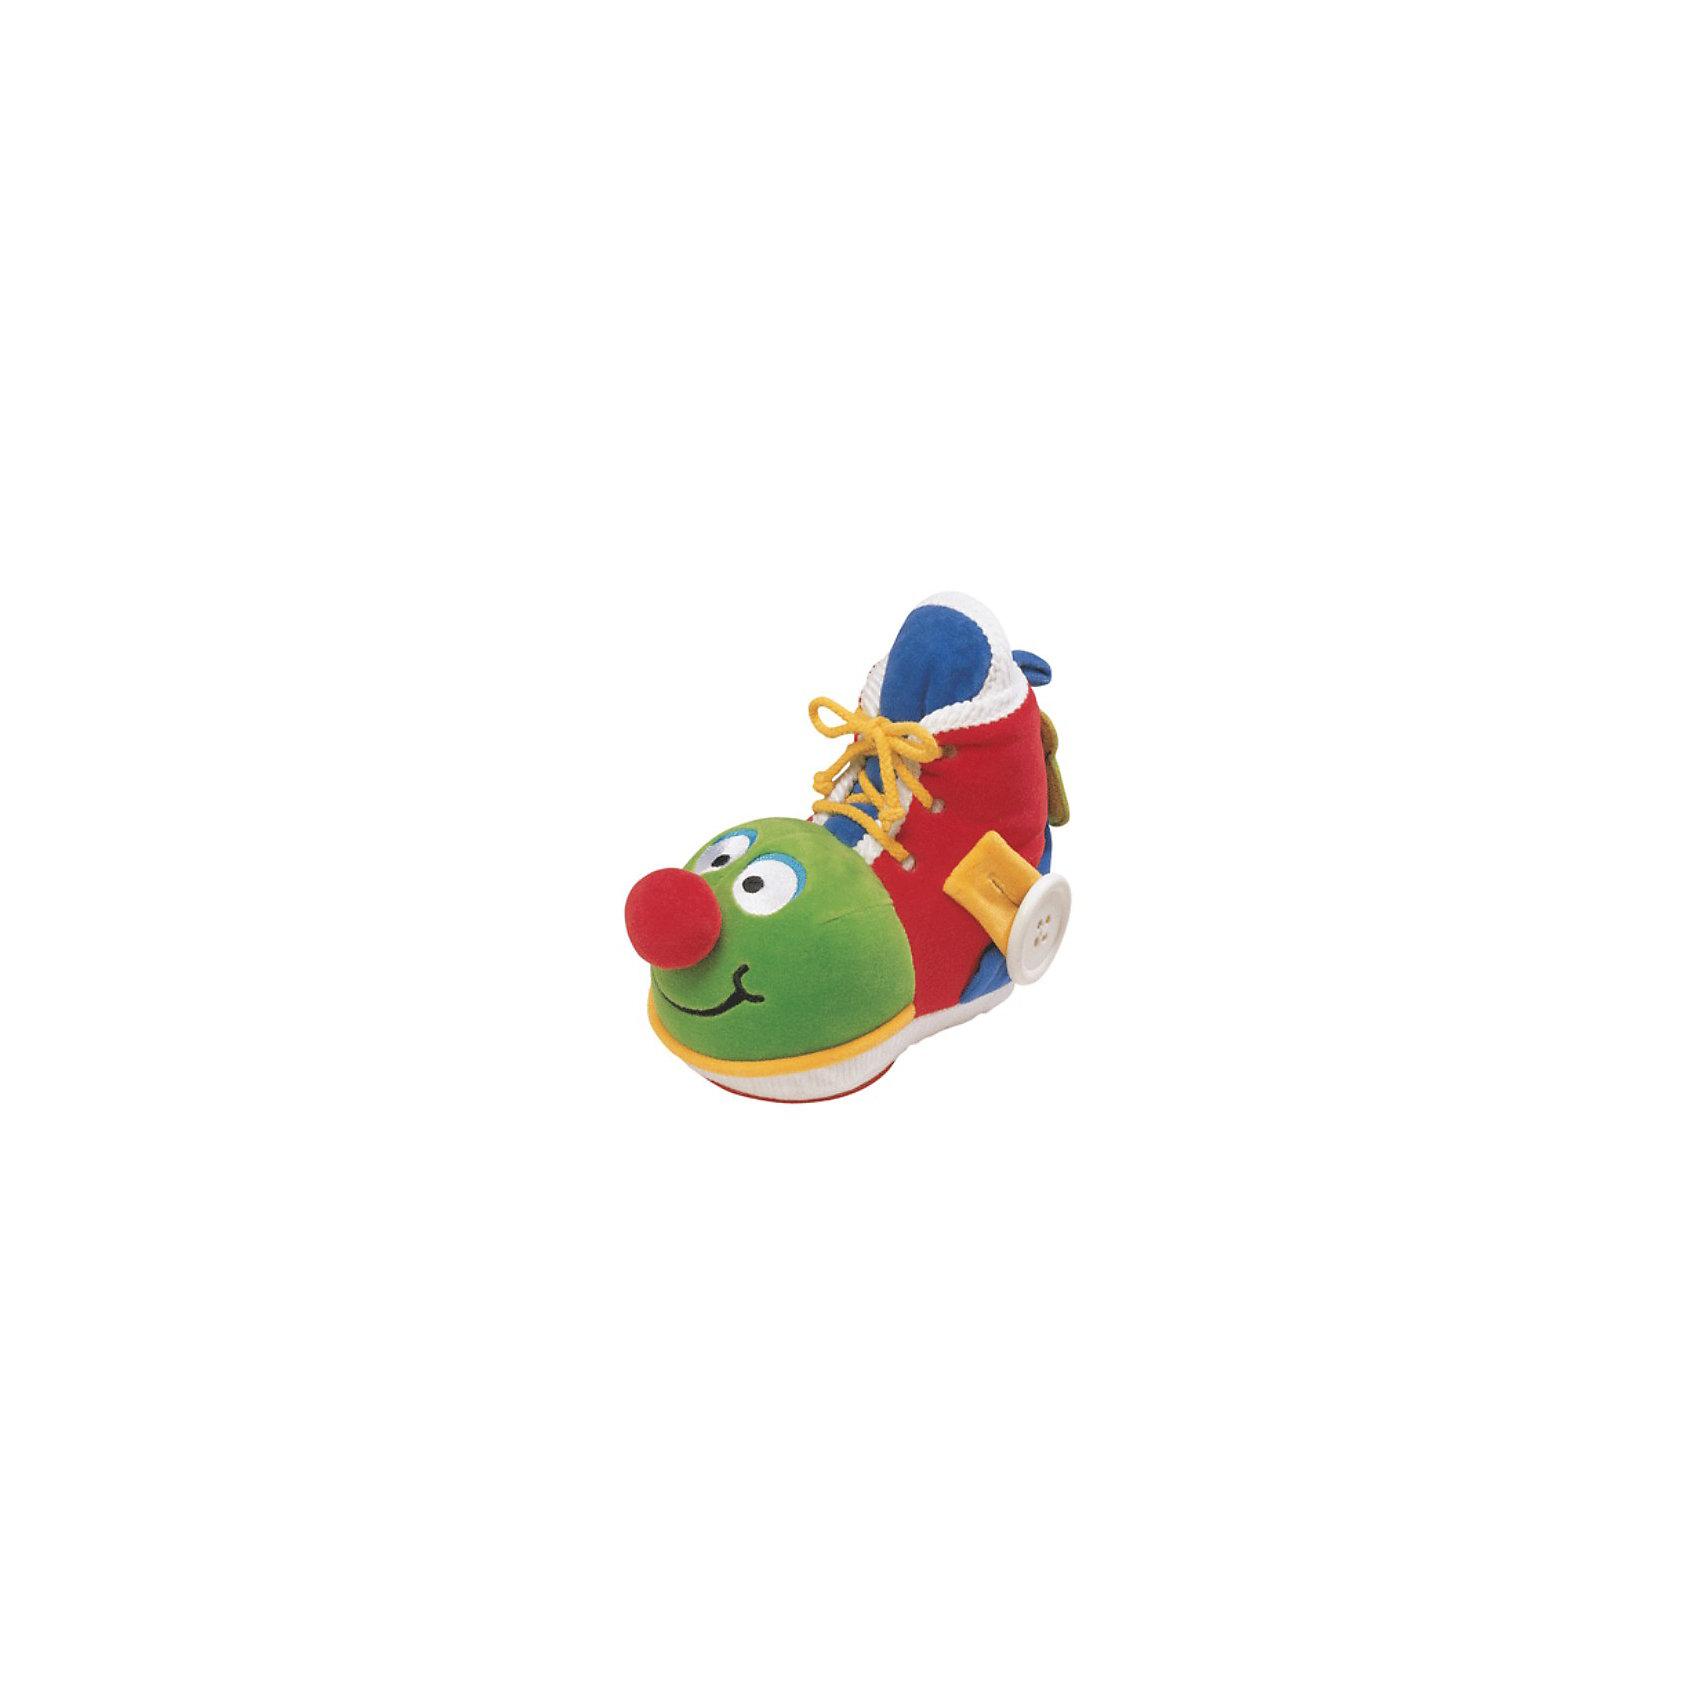 Ks Kids Развивающий ботинок с зеркаломРазвивающая игрушка-ботинок с зеркалом от Ks Kids. <br><br>С помощью этой замечательной игрушки Ваш малыш быстро научится шнуровать ботинки, расстегивать и застегивать пуговицы, пользоваться молниями. В башмачке есть небьющееся зеркальце, а материал игрушки - комбинированный: от очень мягкого до шероховатого, что так важно для тактильных ощущений малышей.<br><br>Дополнительная информация:<br><br>- Материал: мягкая ткань, пластик.<br>- Размер: 20 х 11 х 19 см.<br><br>Улыбающийся ботинок очень понравится Вашему малышу!<br><br>Ширина мм: 230<br>Глубина мм: 210<br>Высота мм: 110<br>Вес г: 308<br>Возраст от месяцев: 6<br>Возраст до месяцев: 36<br>Пол: Унисекс<br>Возраст: Детский<br>SKU: 2148750